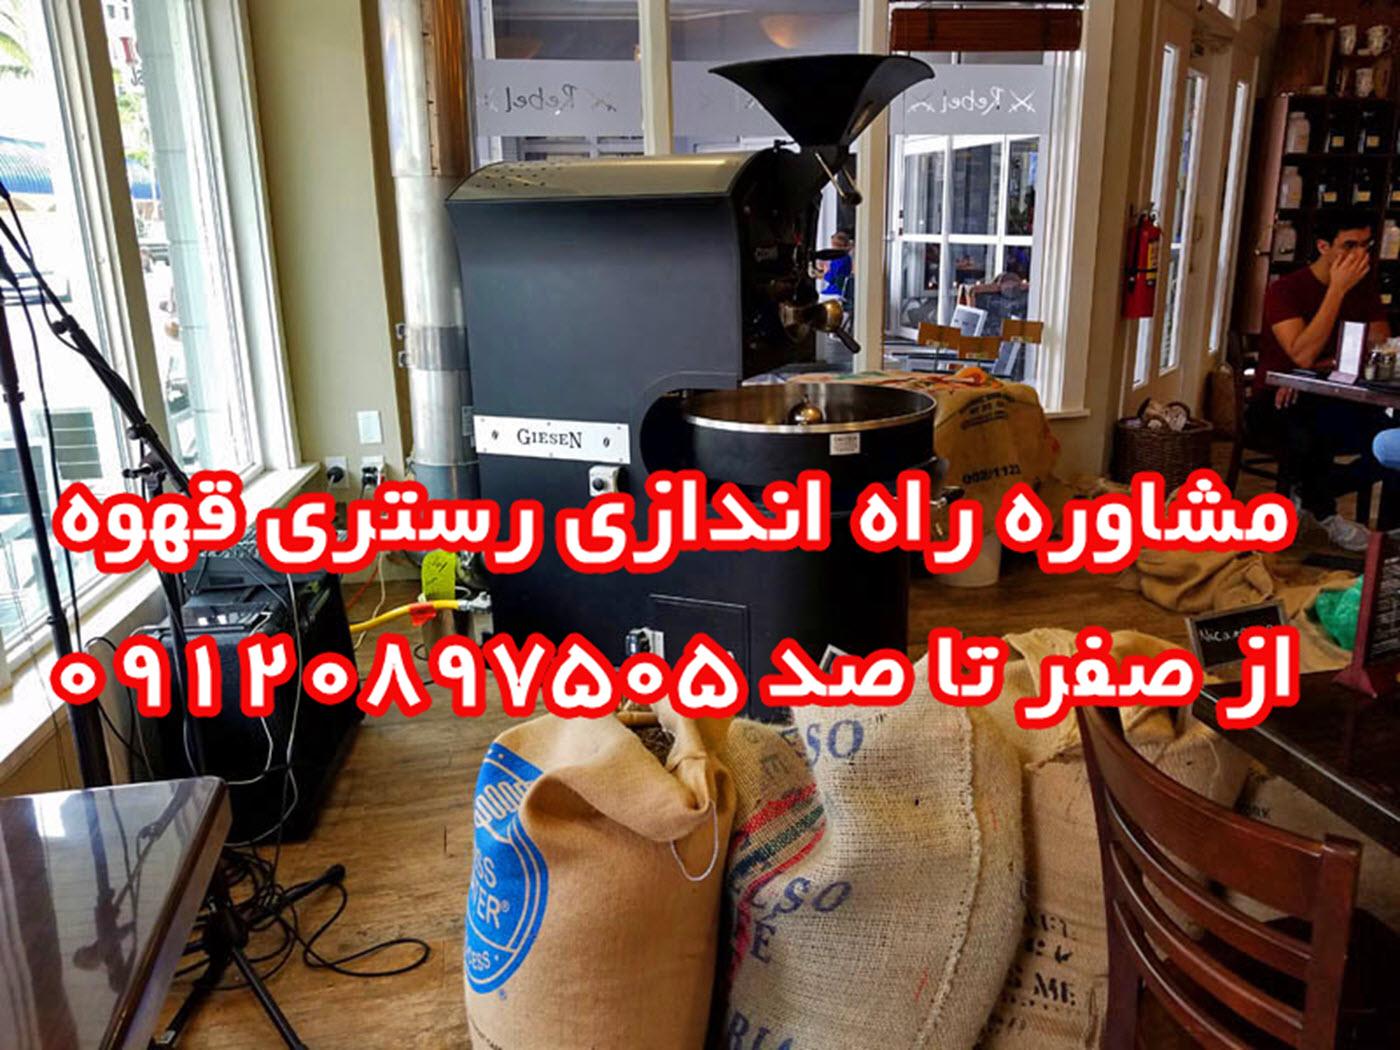 رستری قهوه